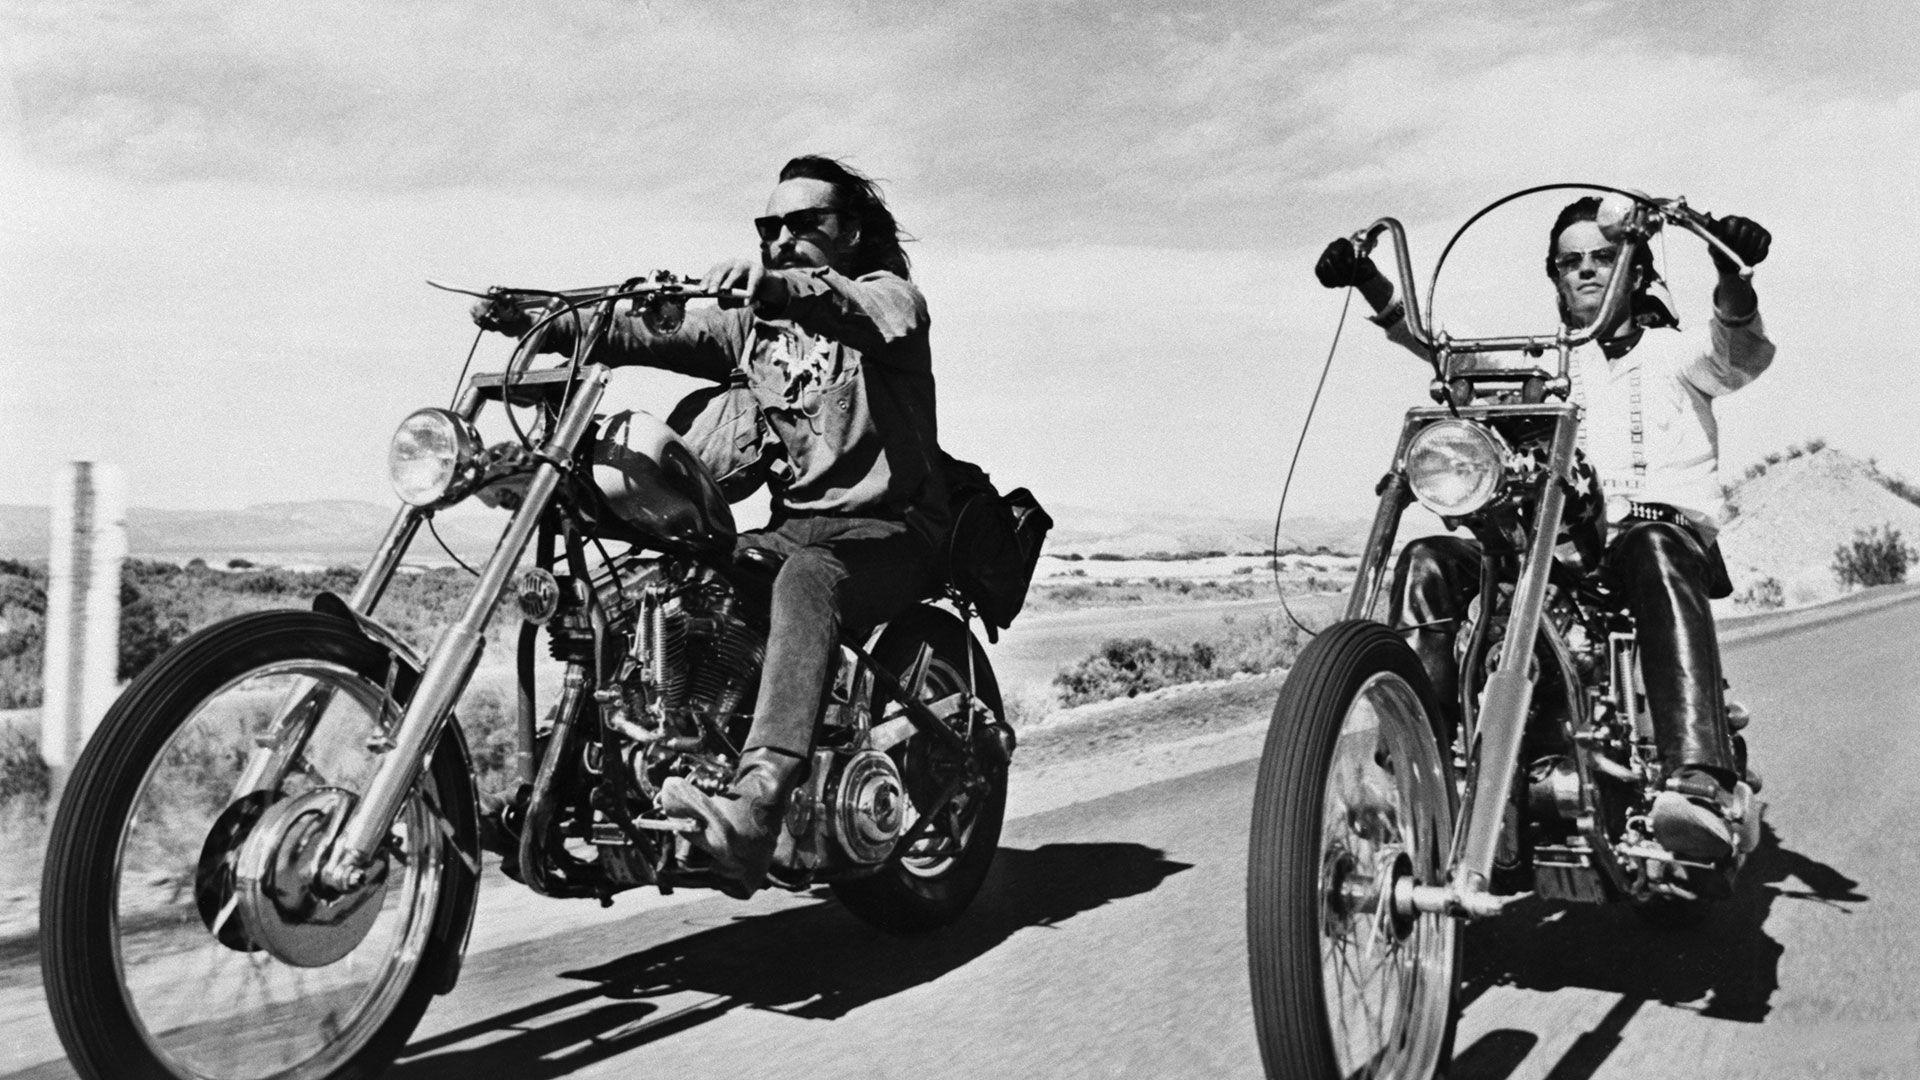 david mann biker wallpaper (64+ images)